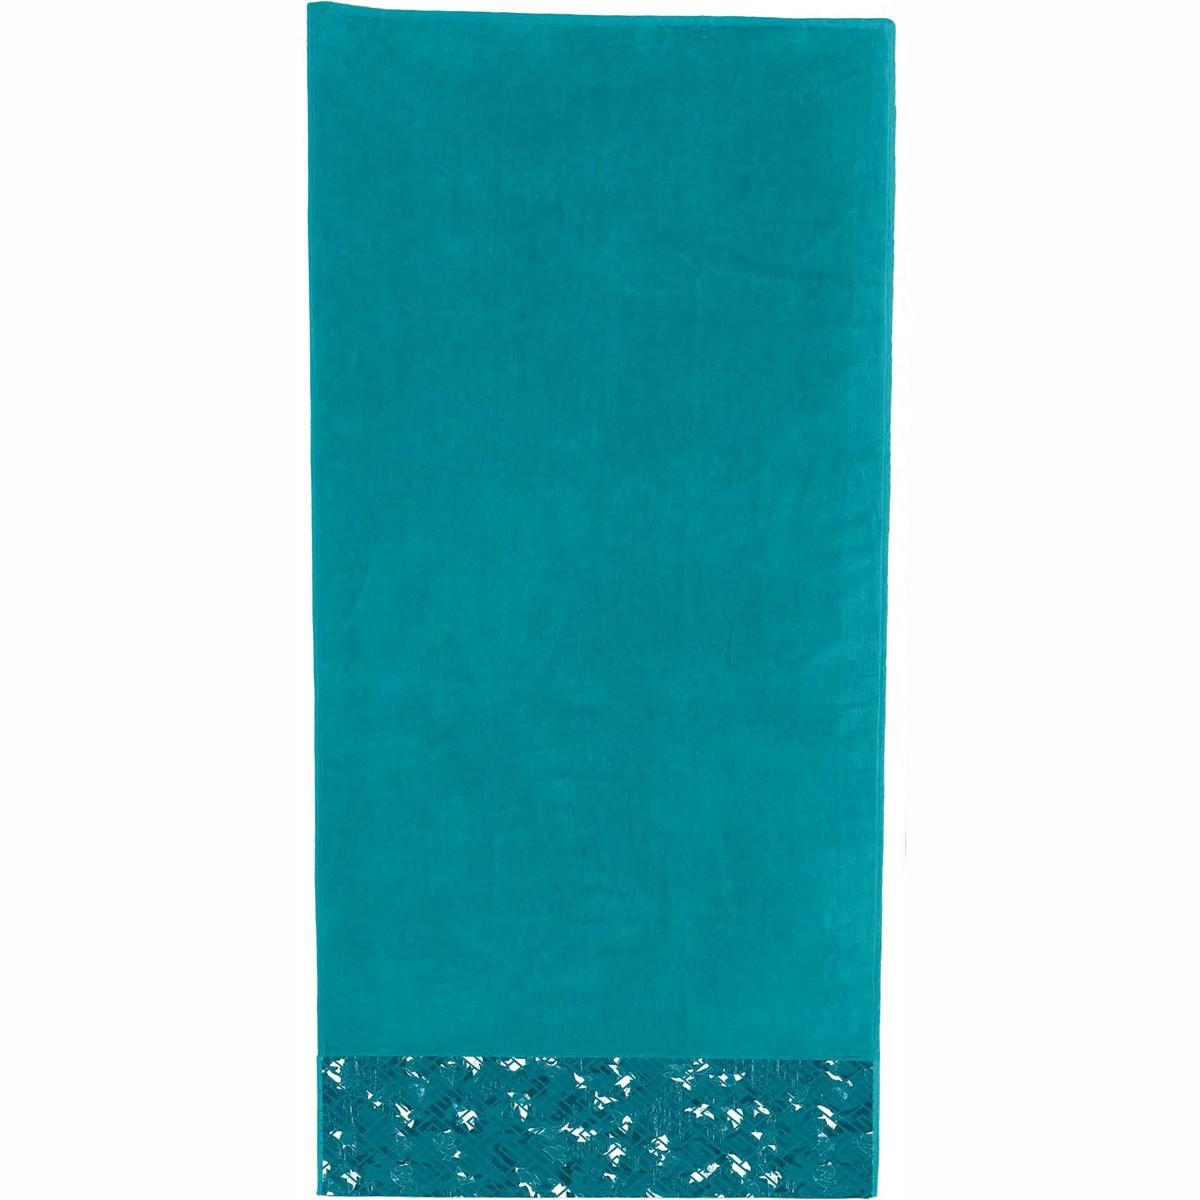 Πετσέτα Θαλάσσης Guy Laroche Jacquard Printed 5 Petrol